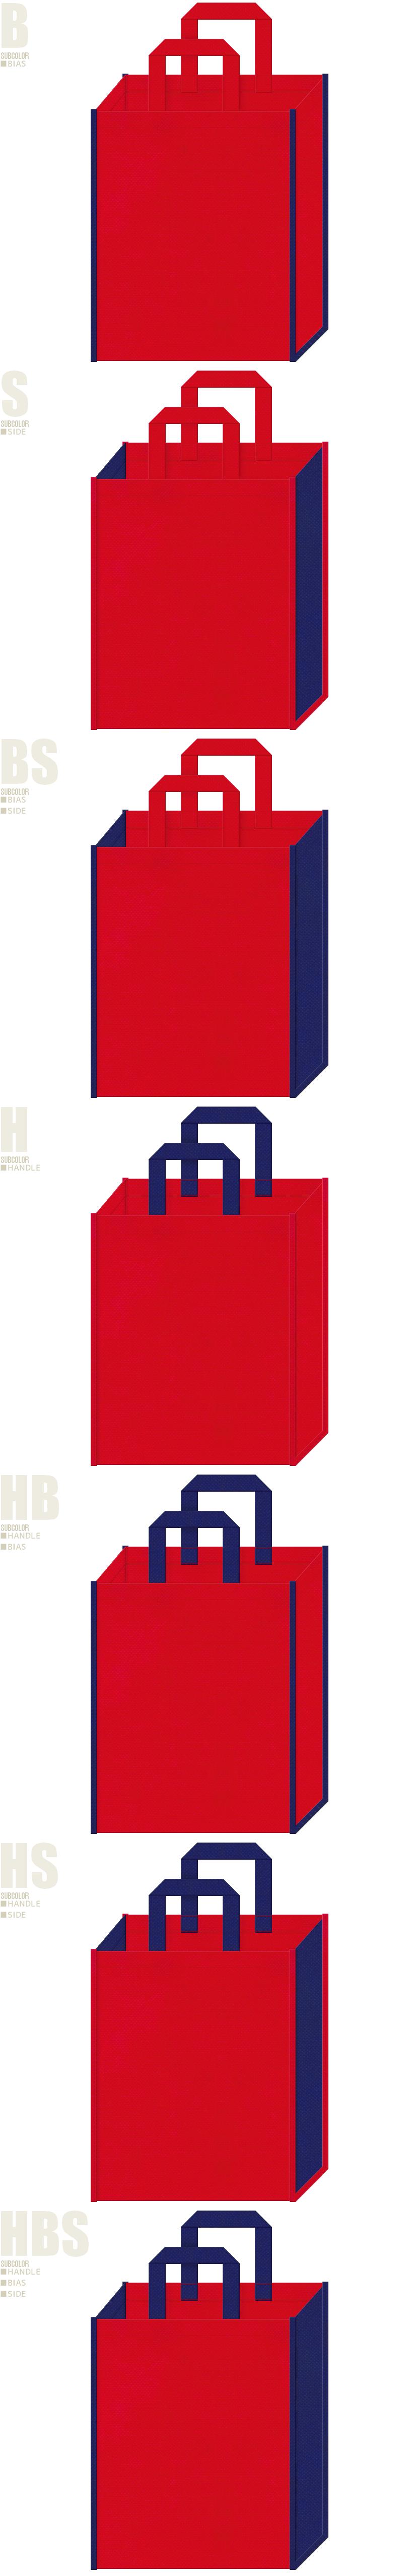 不織布トートバッグのデザイン:夏祭りのノベルティにお奨めの配色です。